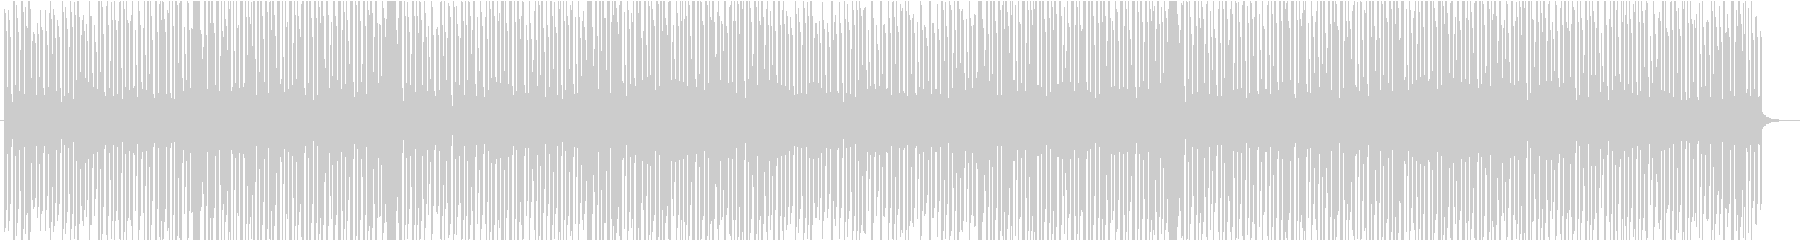 エモーショナルなトロピカルハウスの未再生の波形